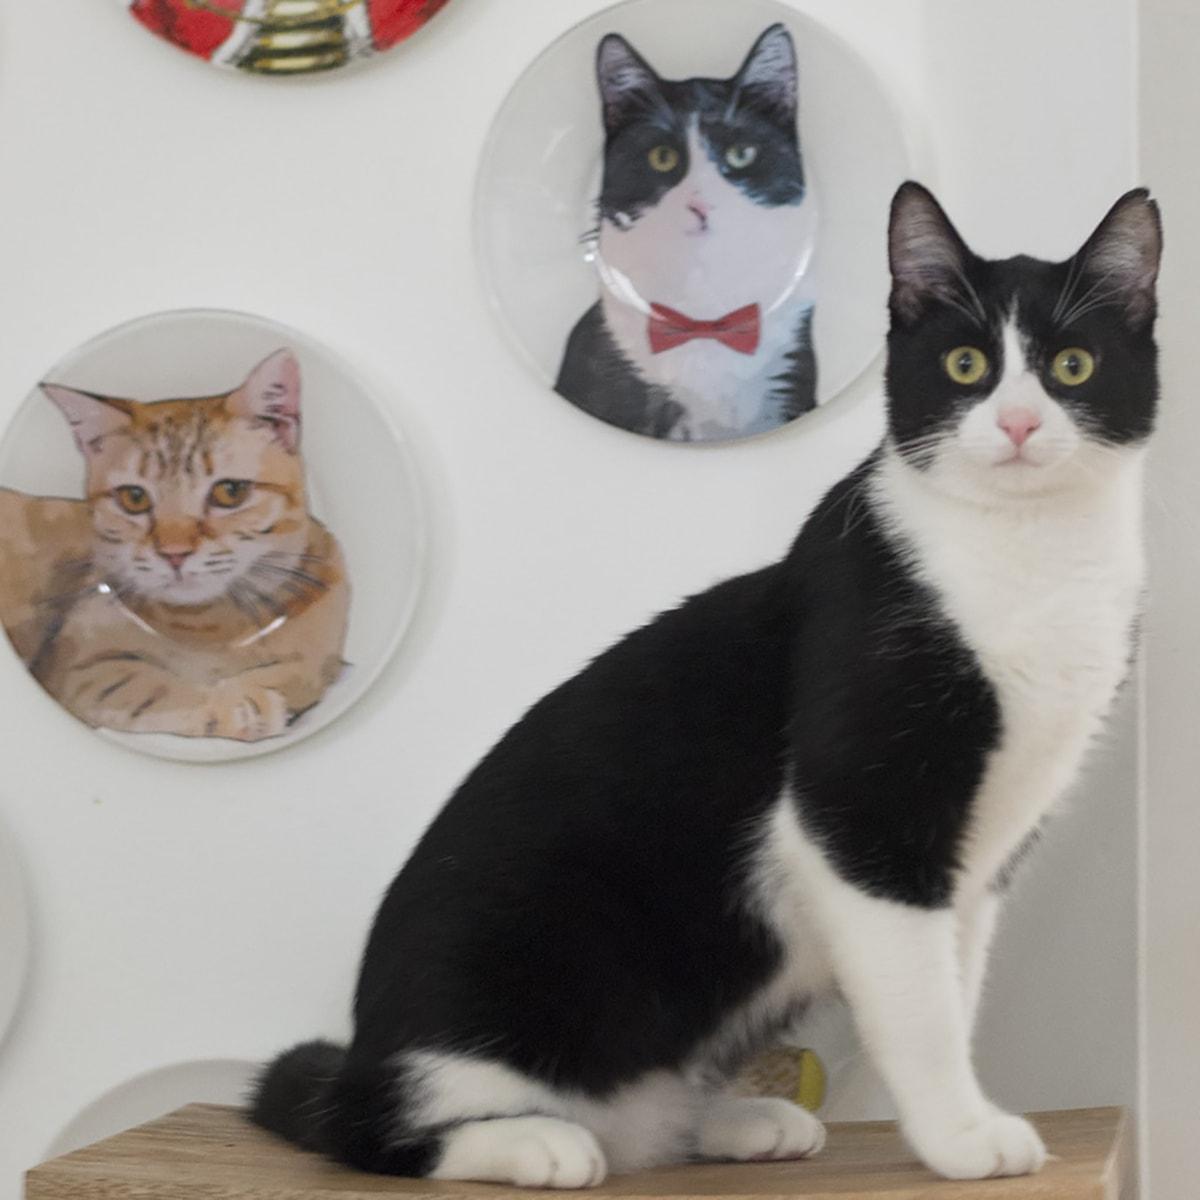 DIY pet portrait painting on plates